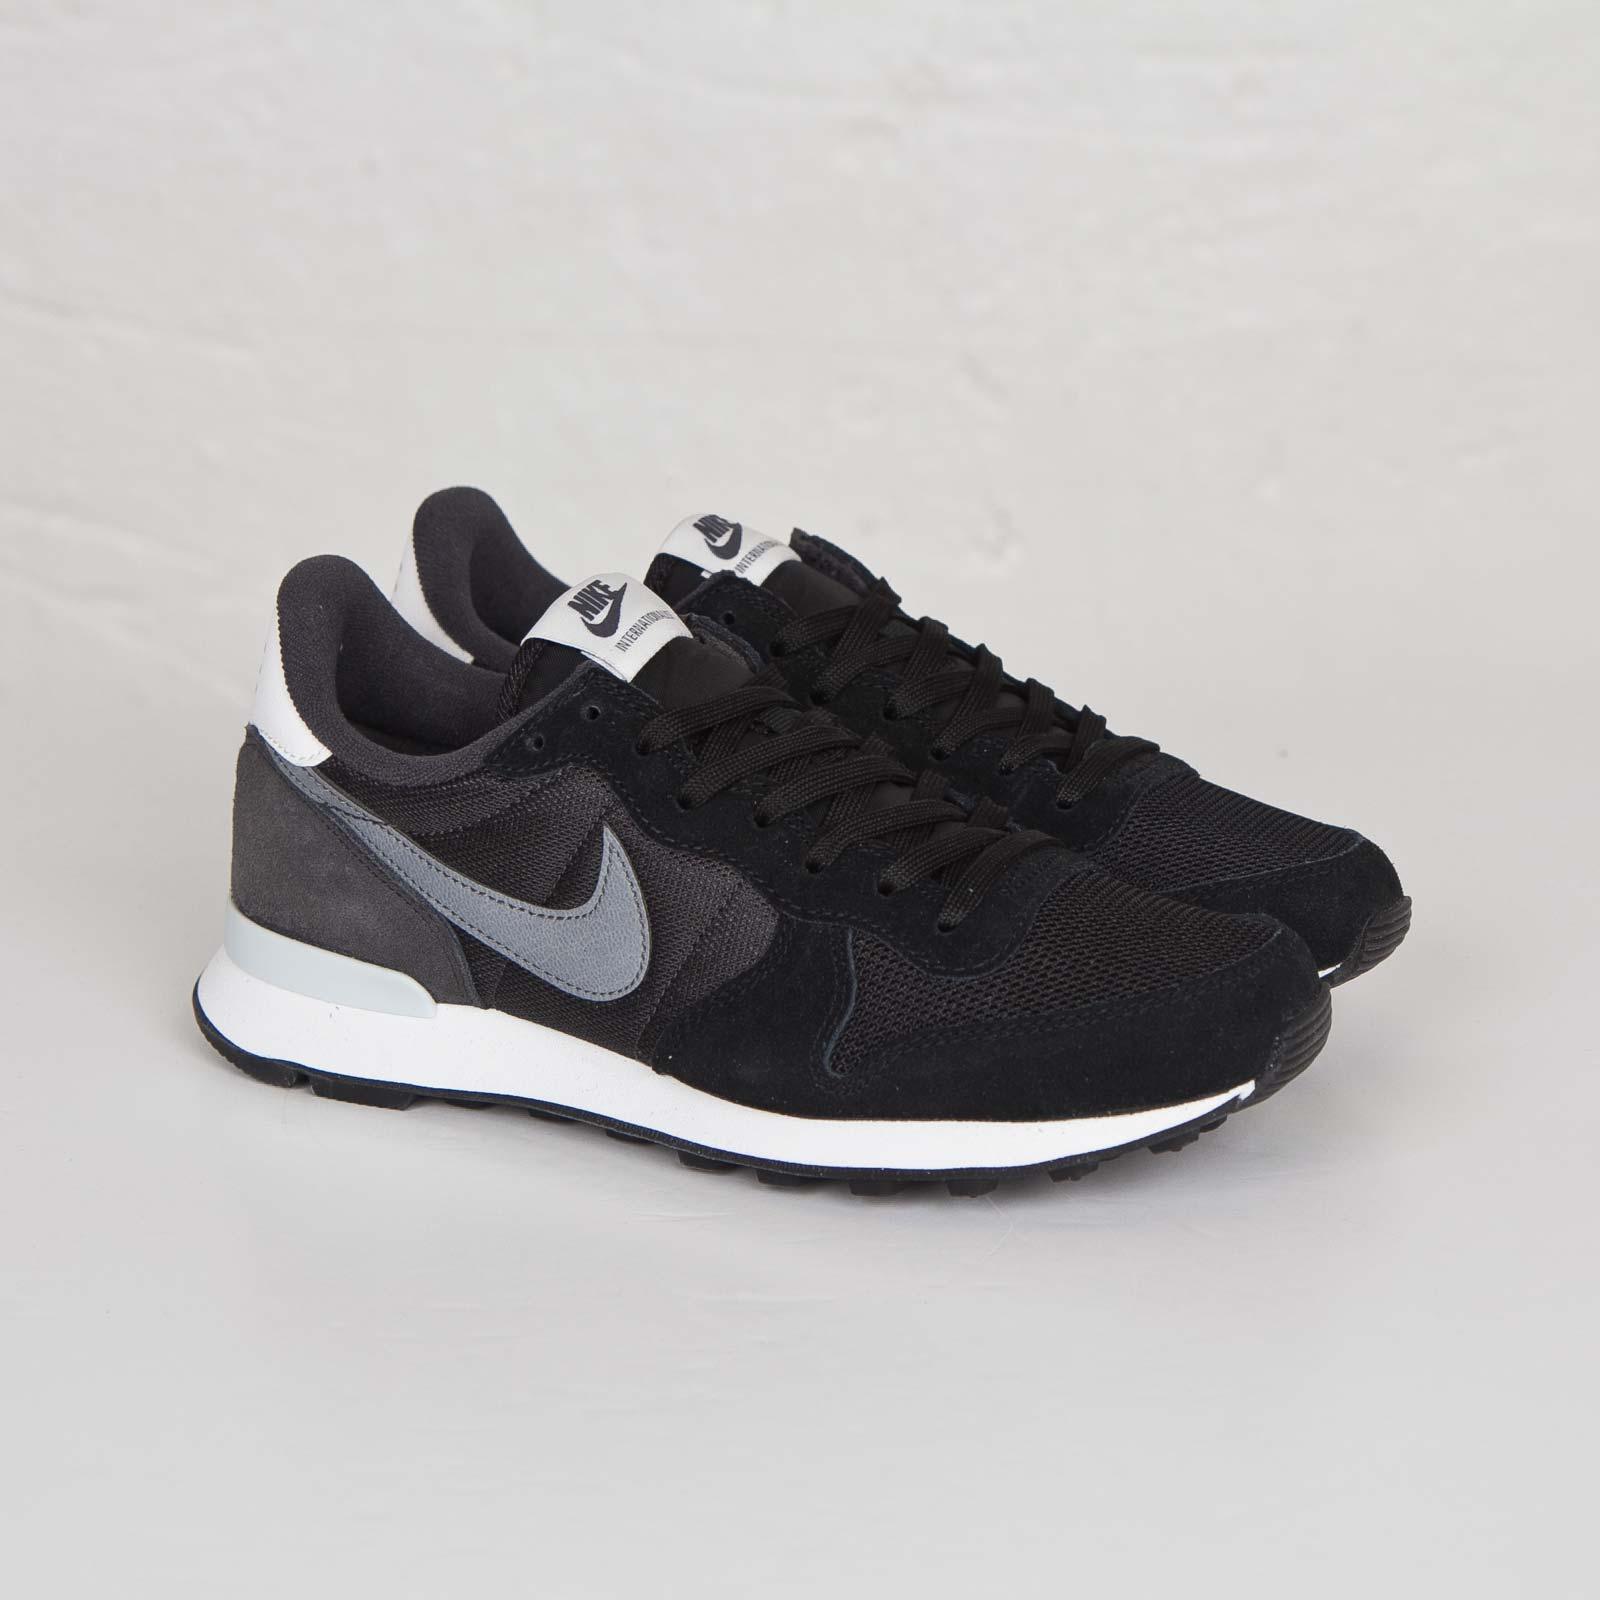 629684 Internationalist 016 Nike Sneakersnstuff Wmns lK1TFcJ